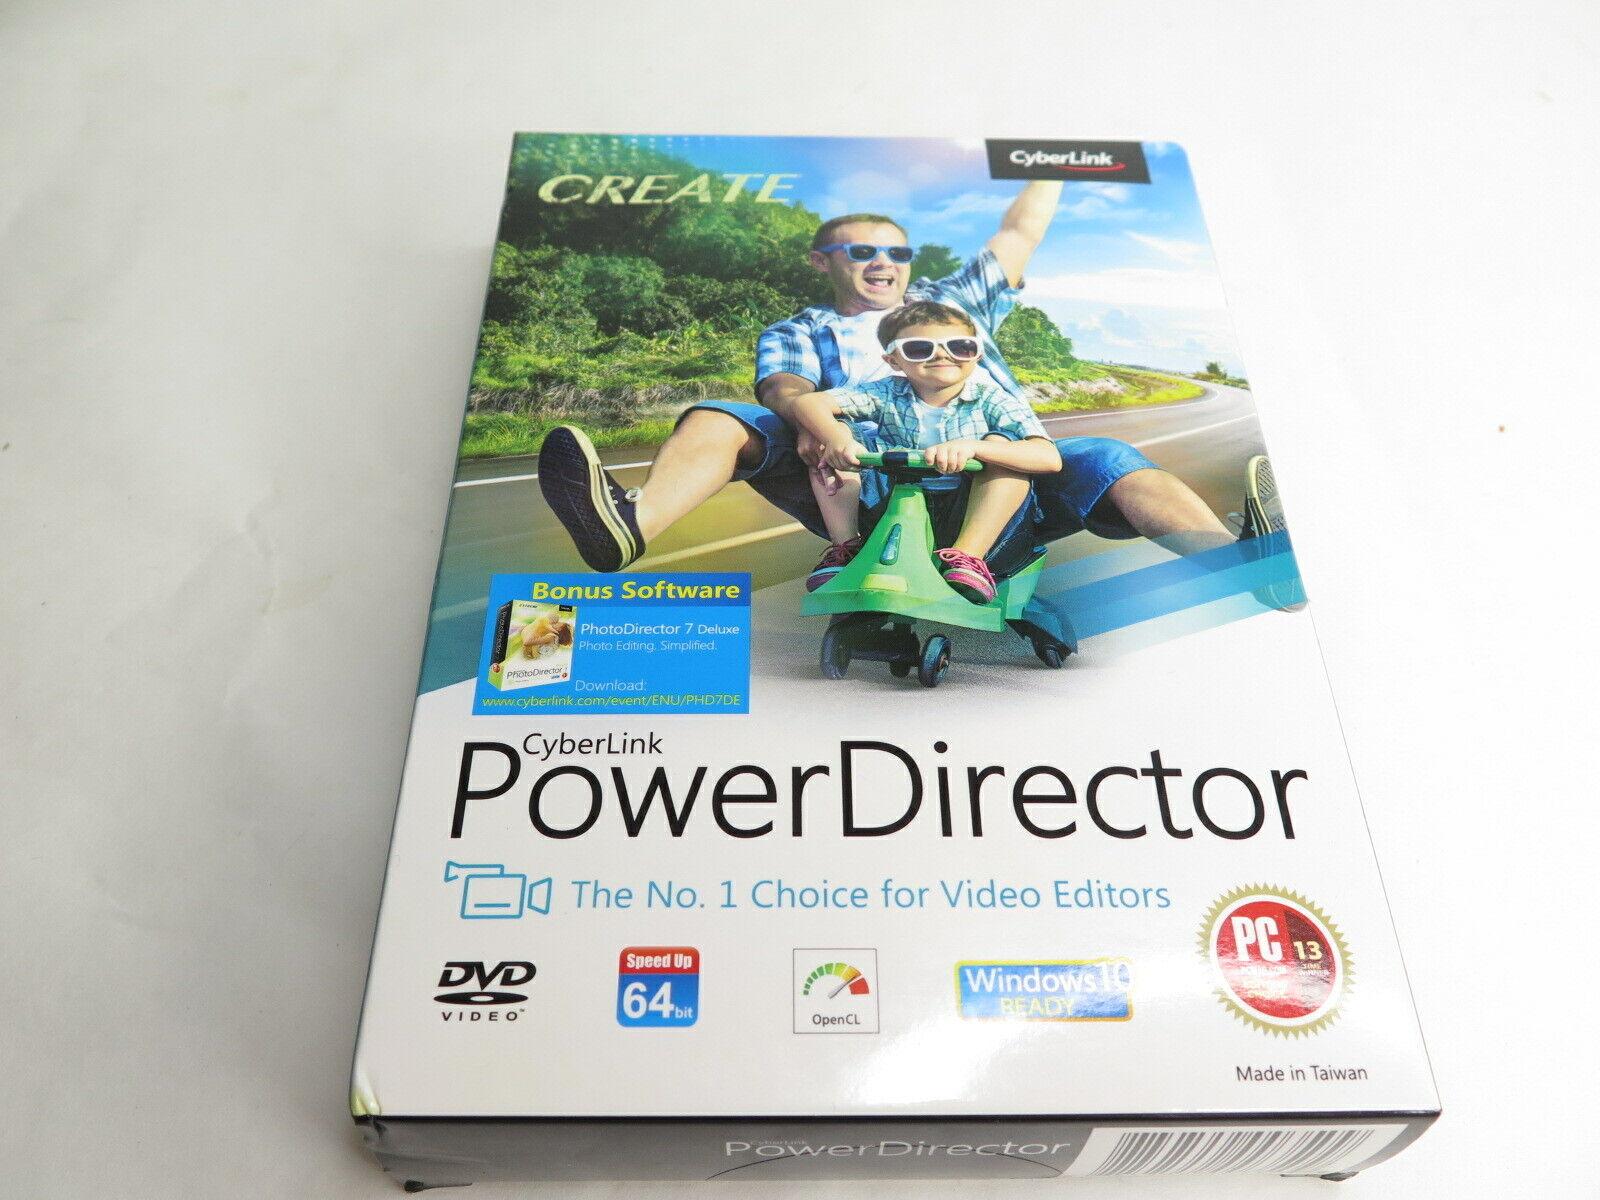 CyberLink PowerDirector Power Director Video Editor Software w/ Photo Director 7